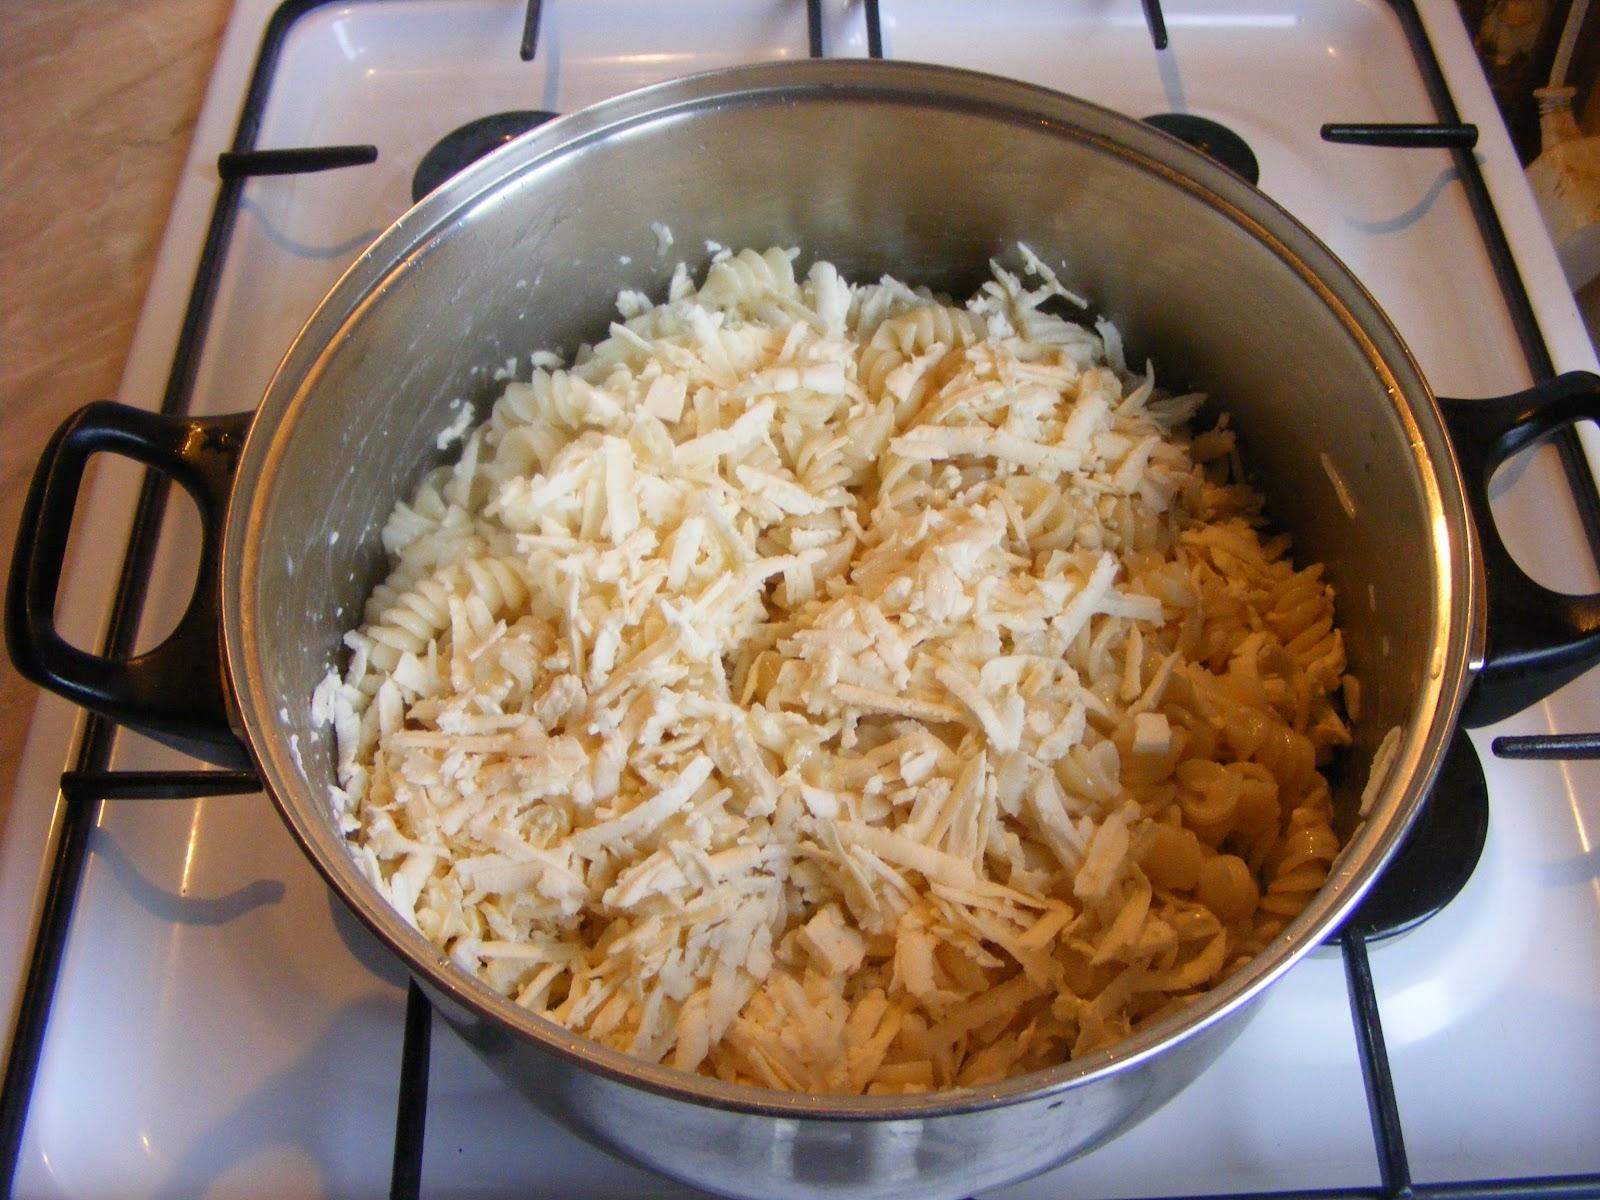 macaroane cu branza, paste cu branza, preparare macaroane cu branza, retete cu paste fainoase, retete cu branza, retete de mancare, retete si preparate culinare macaroane cu branza, macaroane cu branza la cuptor,